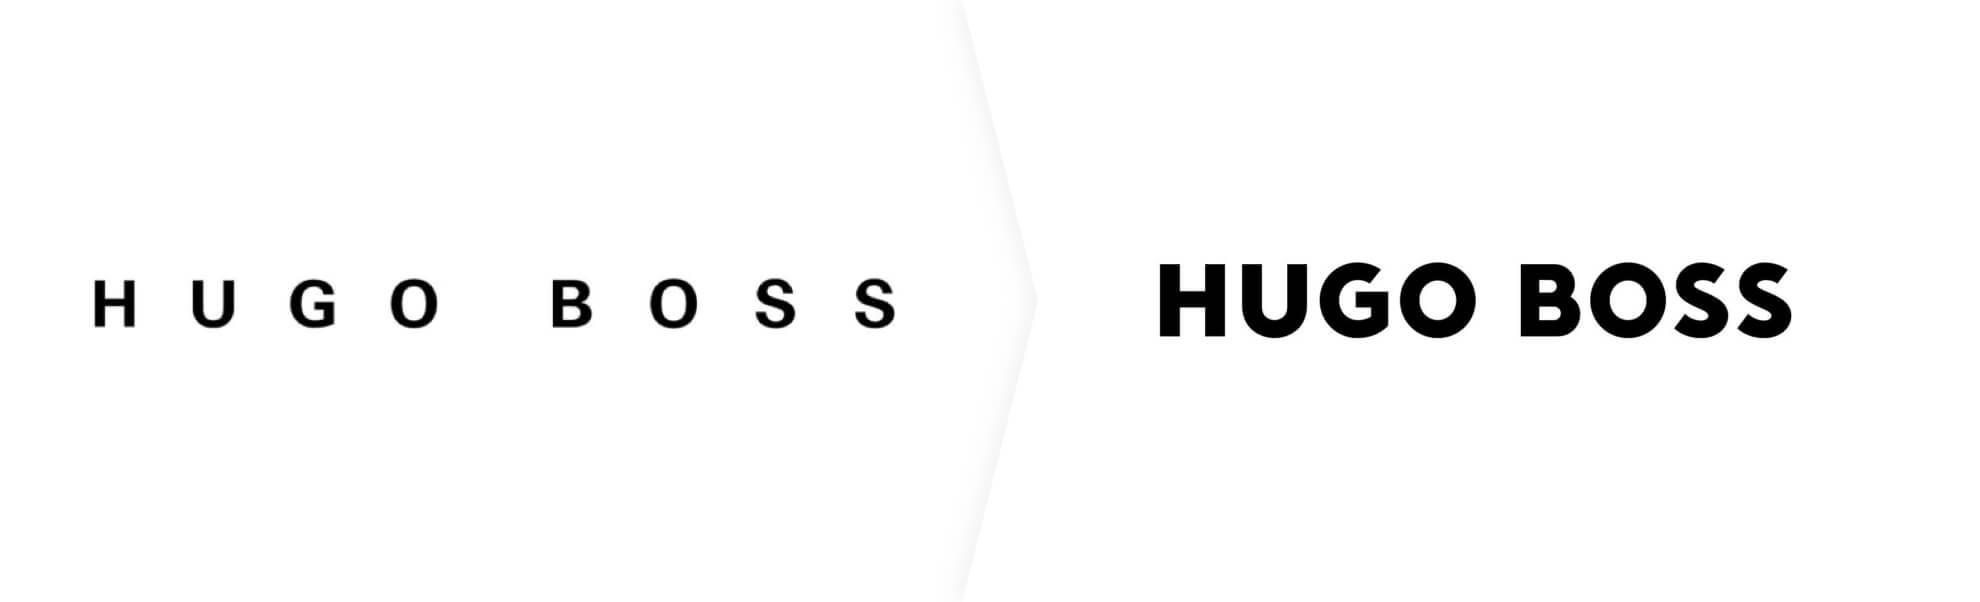 hugo boss logo 2021